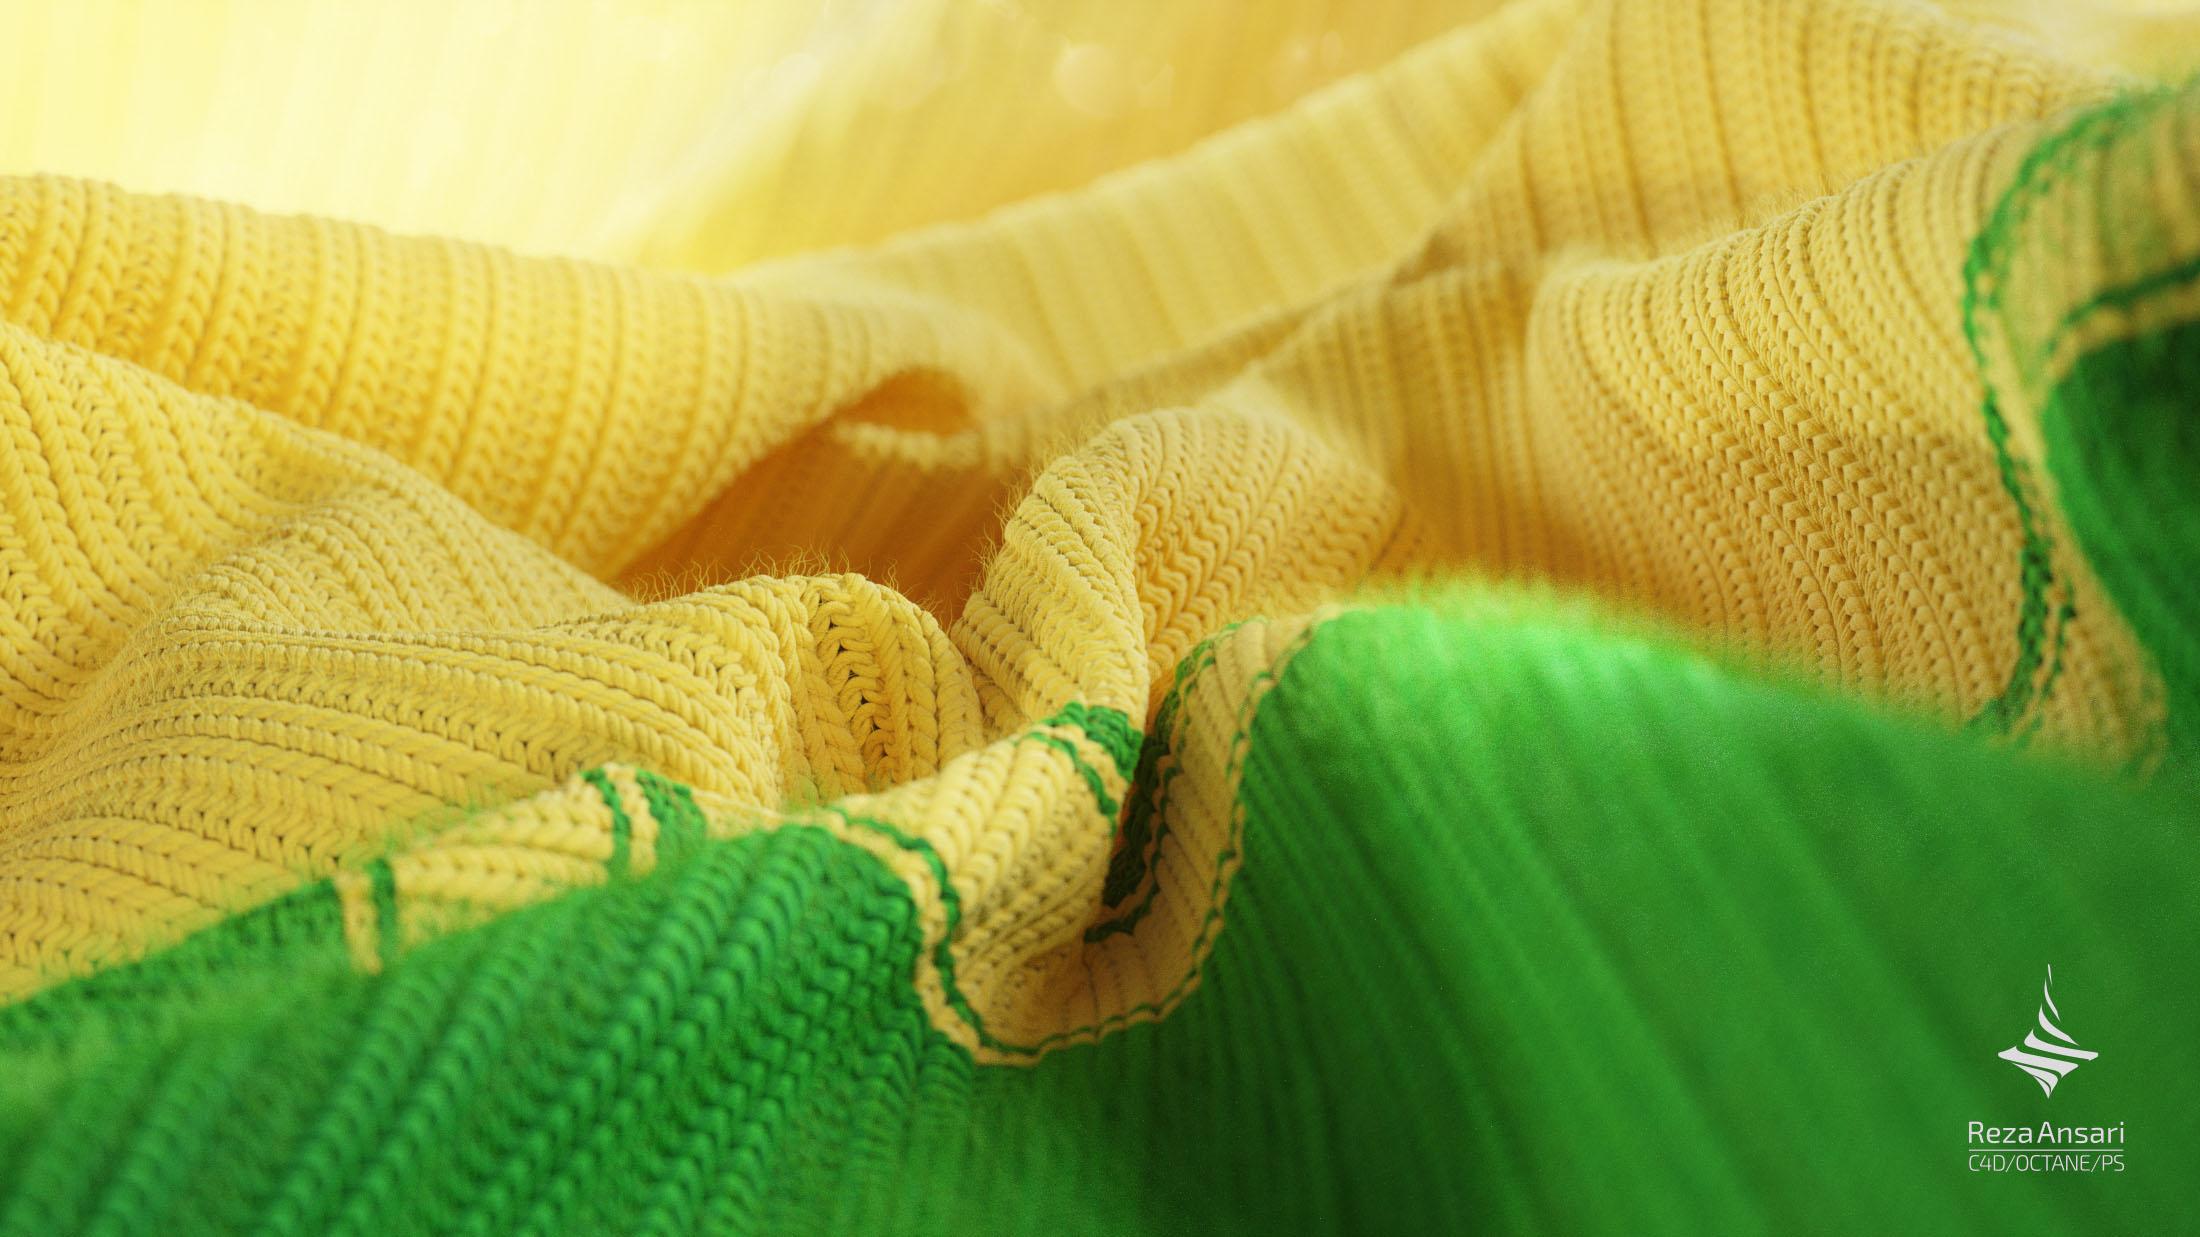 Knitwear Brazil - Reza Ansari Official WebSite